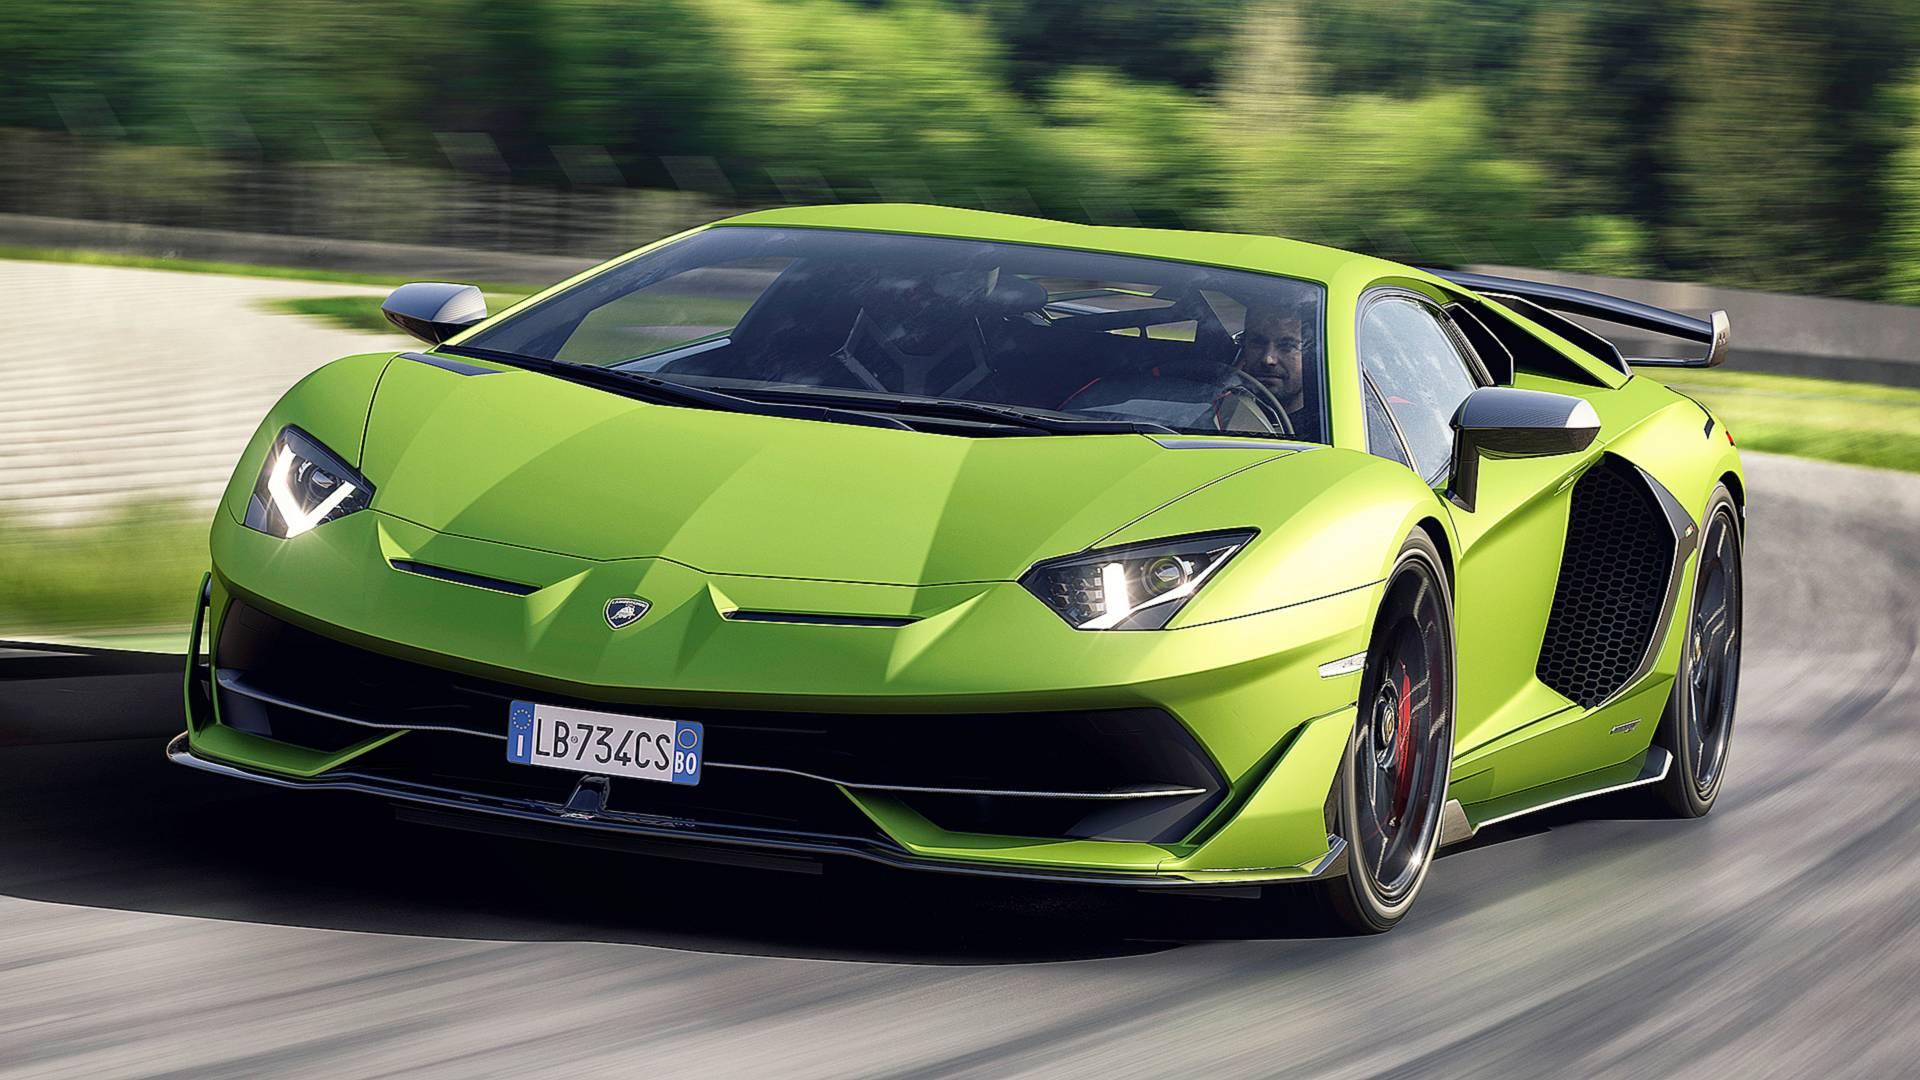 Lamborghini Aventador Svj Looks Complicated In Live